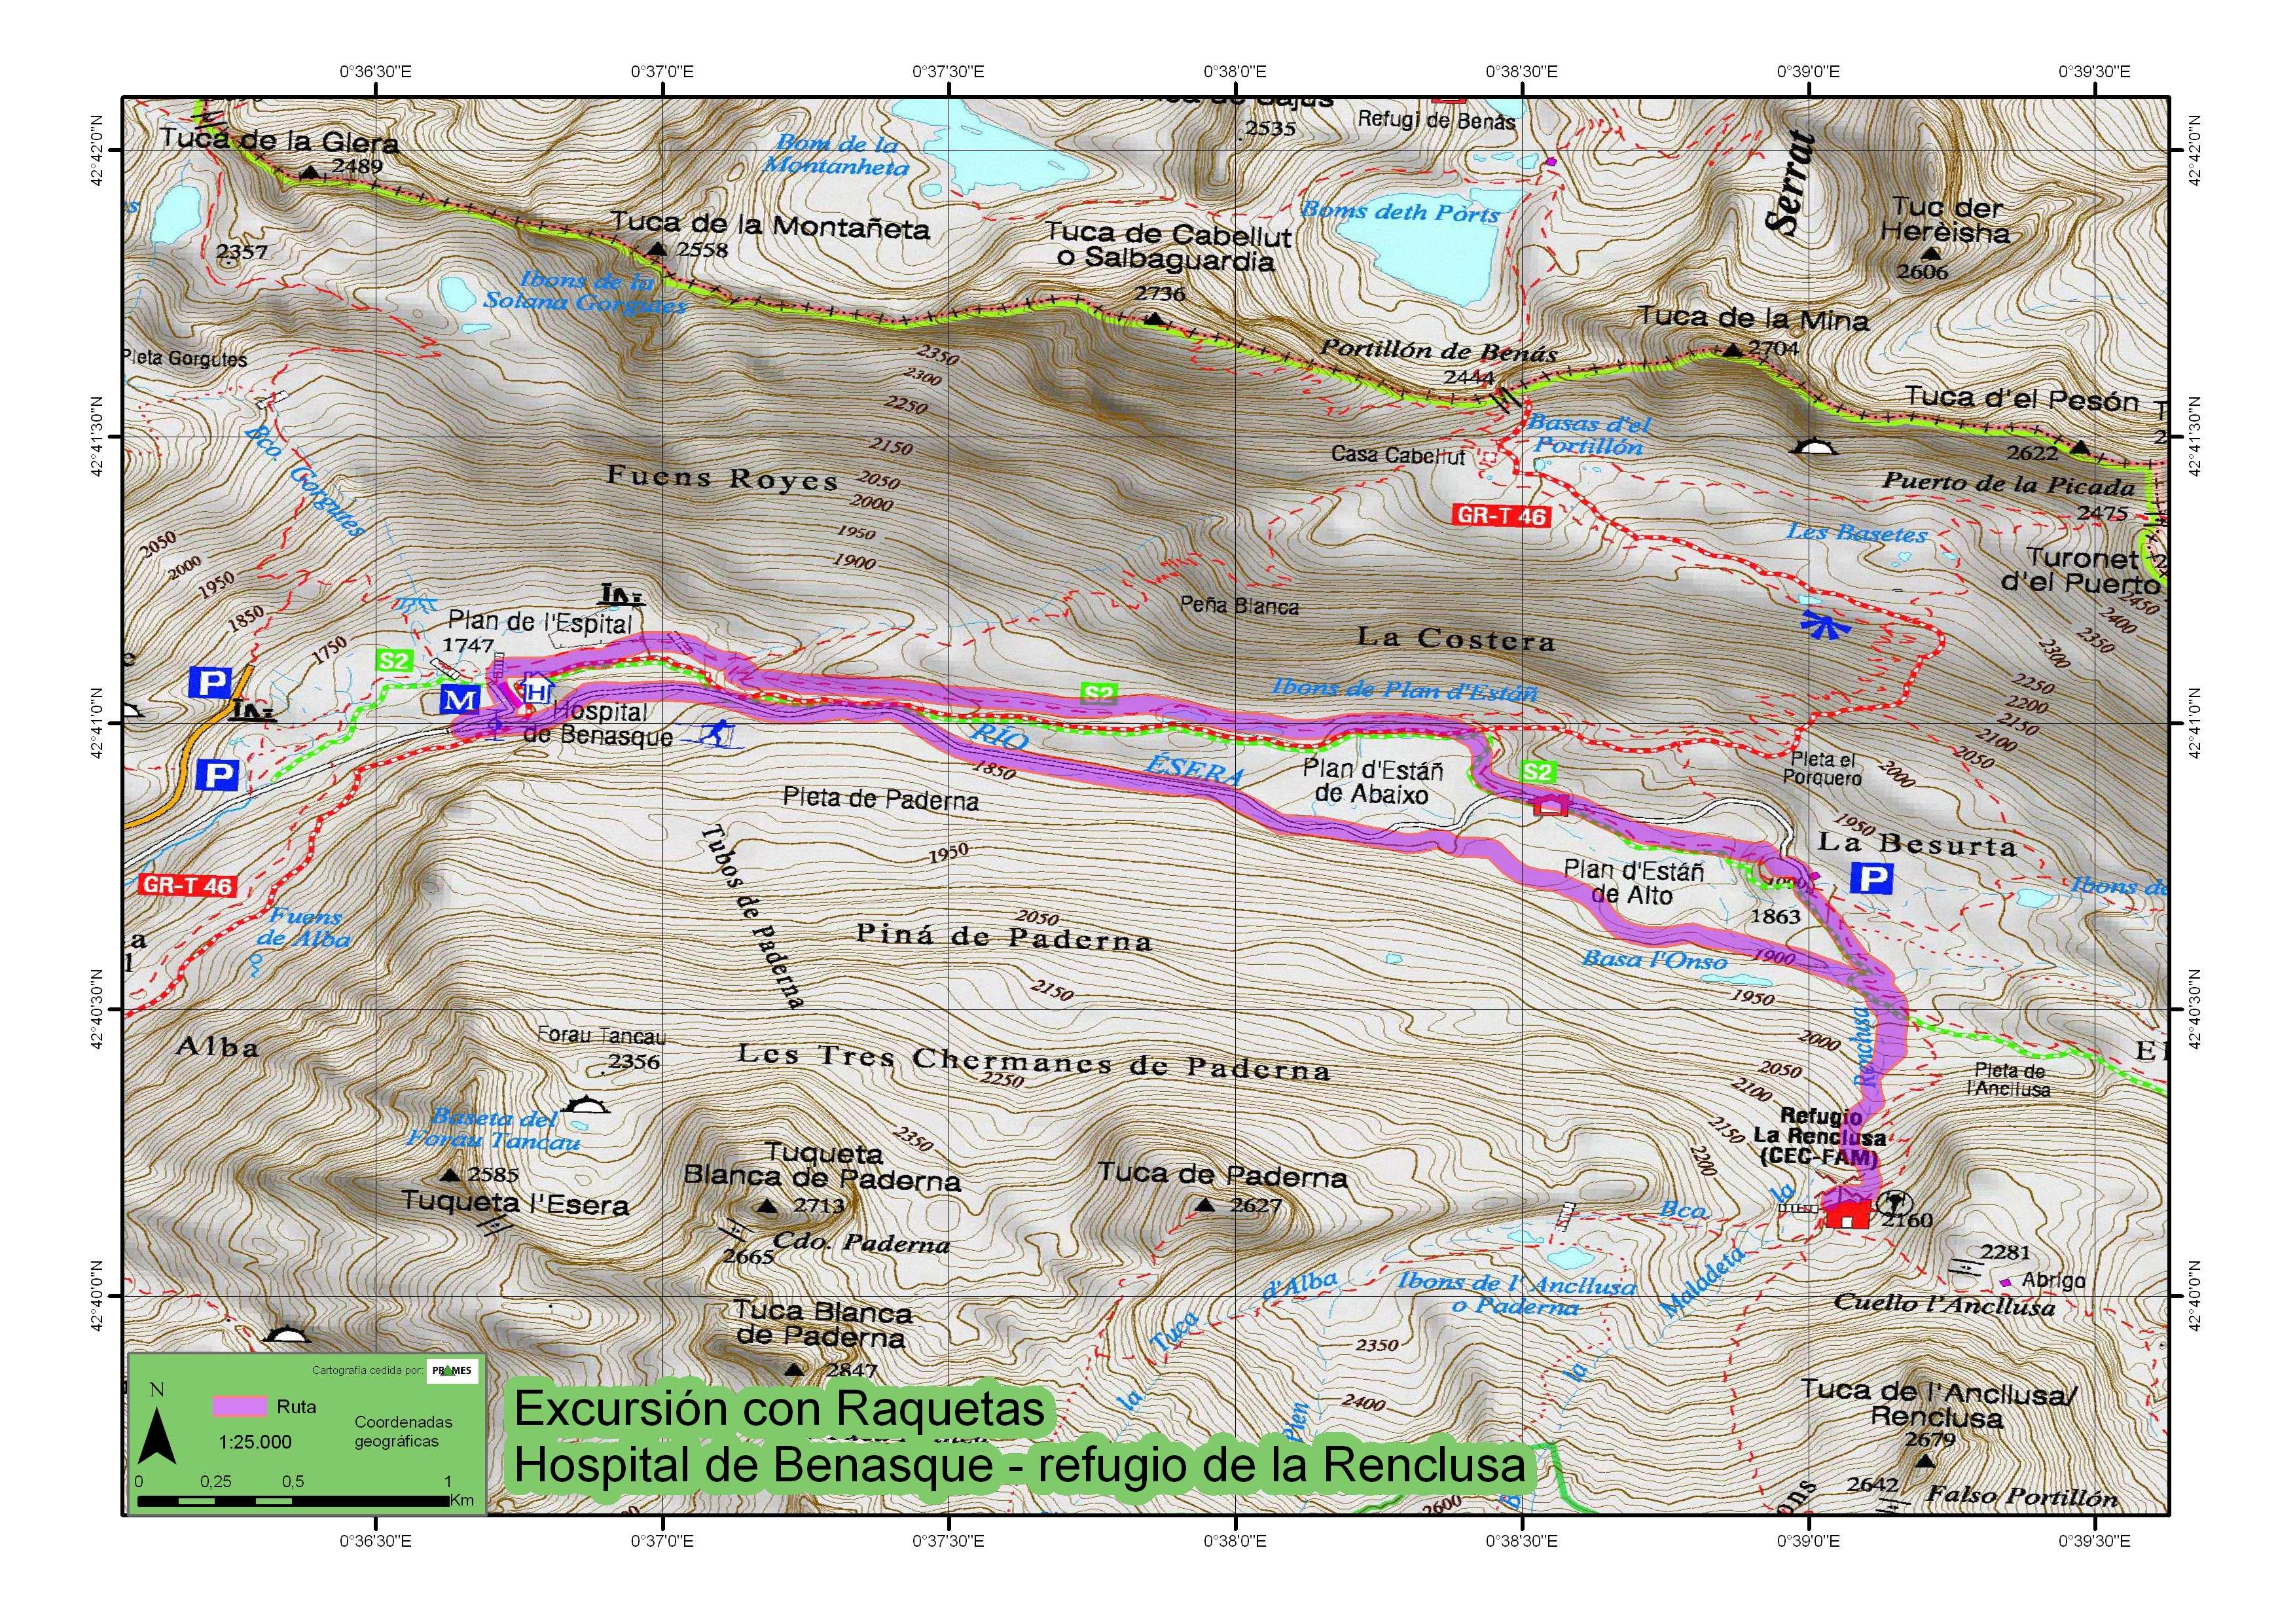 Mapa de la ruta Llanos del Hospital-Renclusa-Besurta-Hospital.